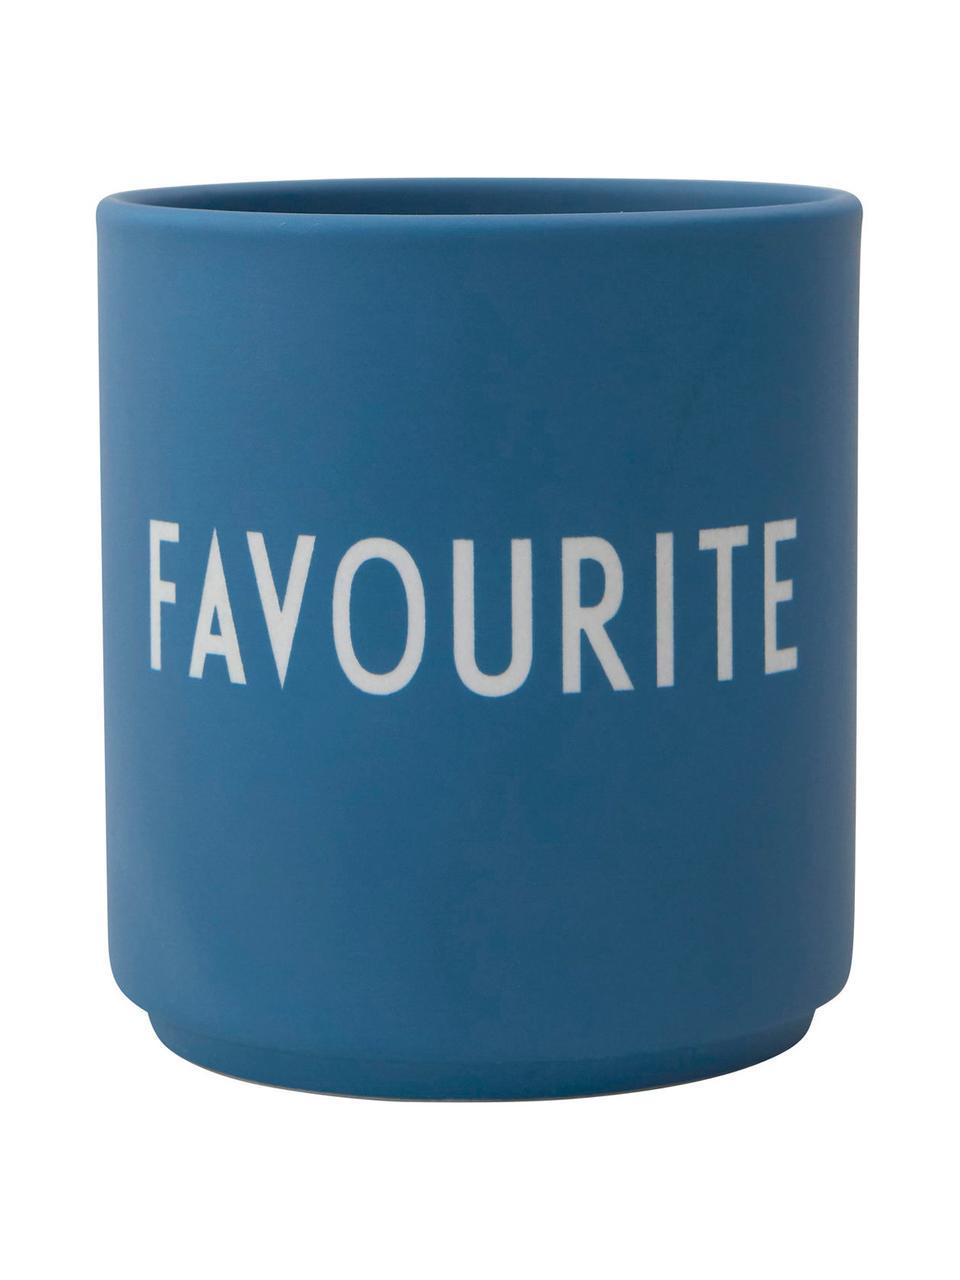 Design Becher FAVOURITE in Blau mit Schriftzug, Fine Bone China (Porzellan) Fine Bone China ist ein Weichporzellan, das sich besonders durch seinen strahlenden, durchscheinenden Glanz auszeichnet., Blau, Weiß, Ø 8 x H 9 cm